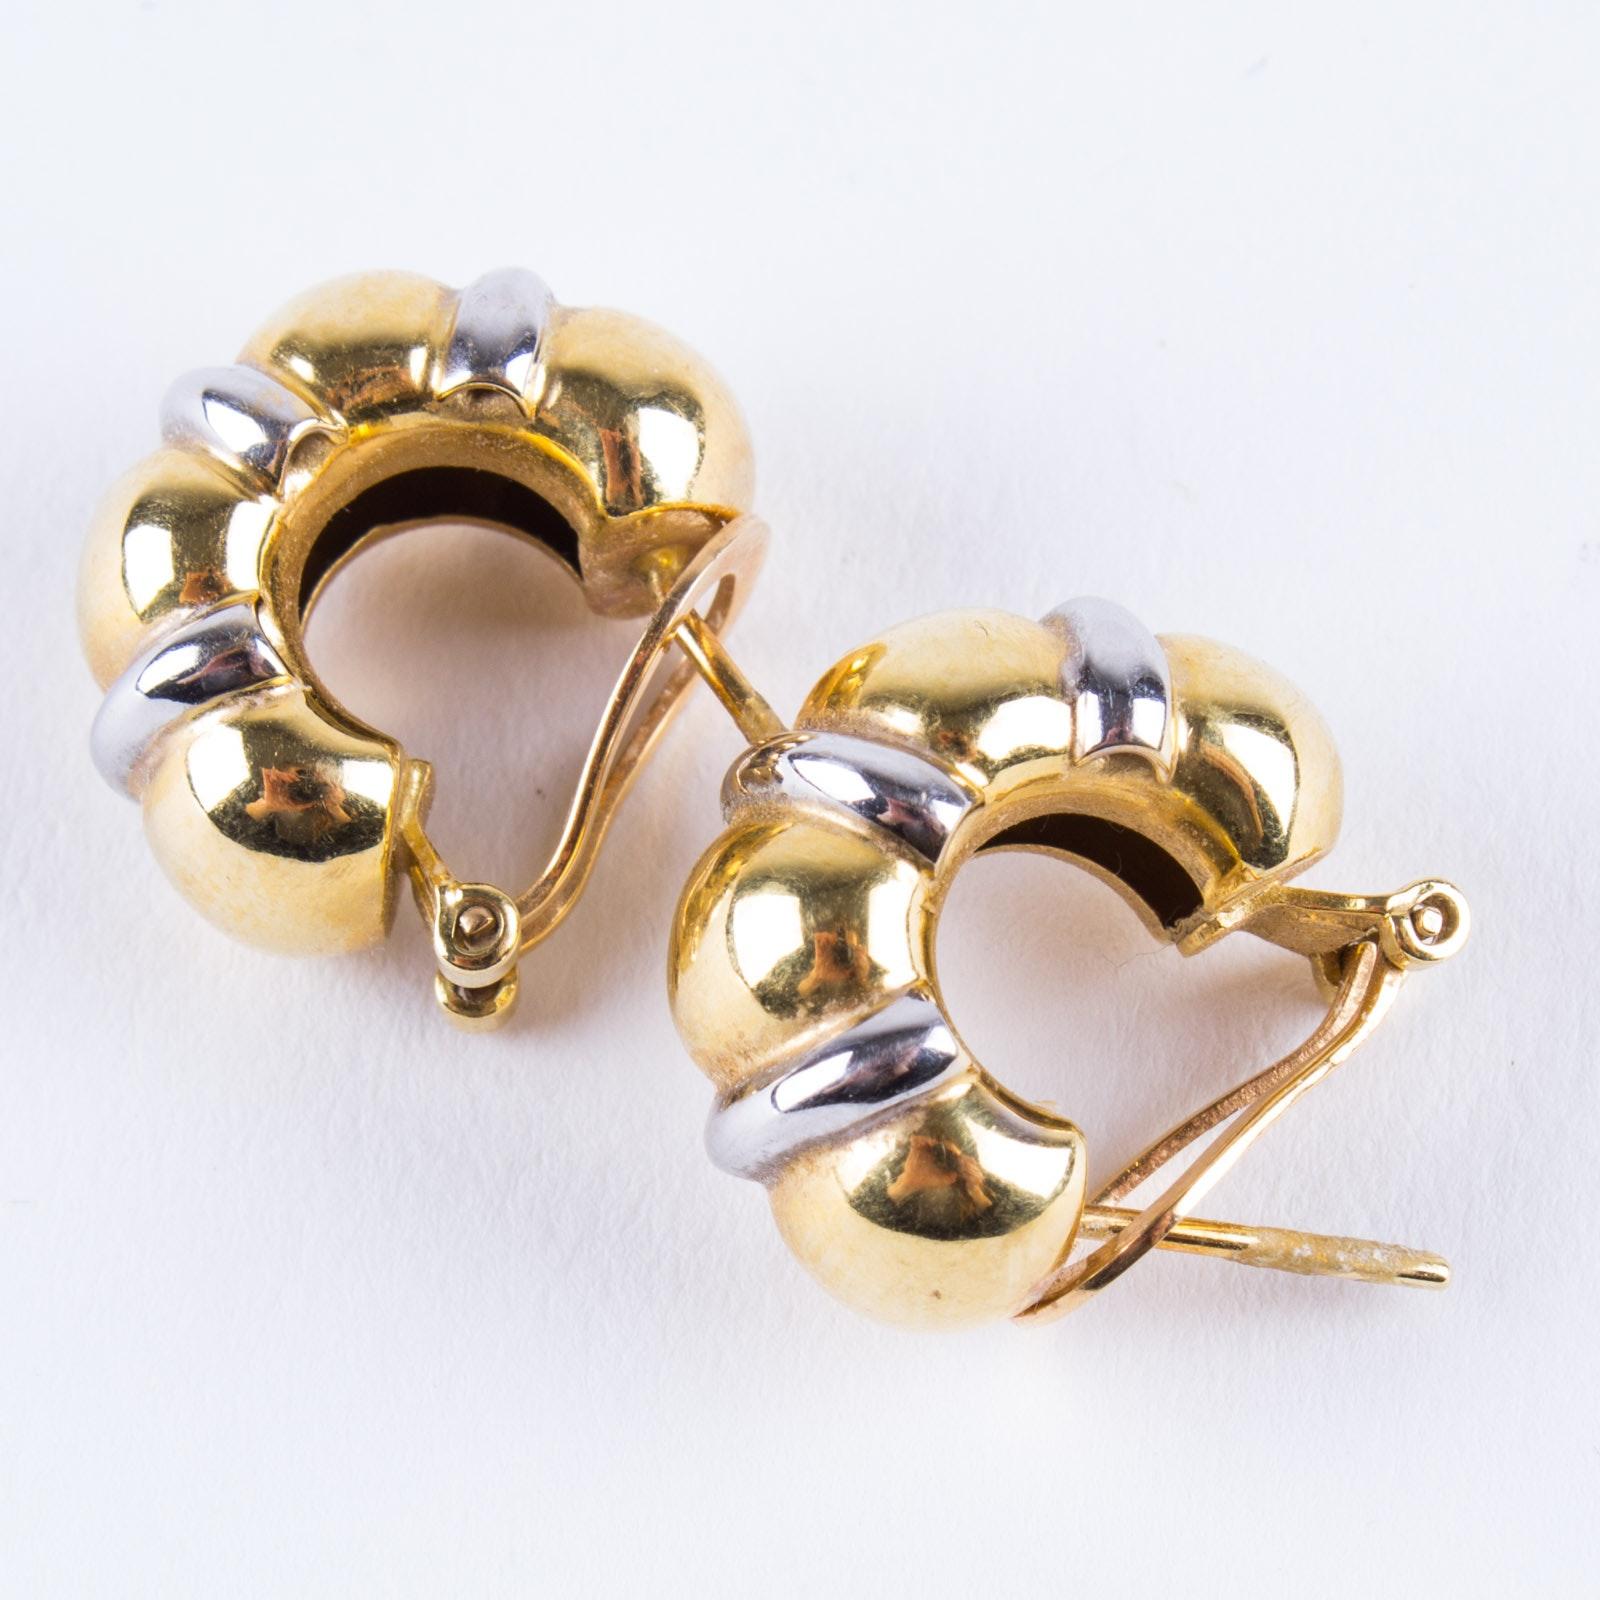 Two Tone 18K Gold Half Hoop Earrings